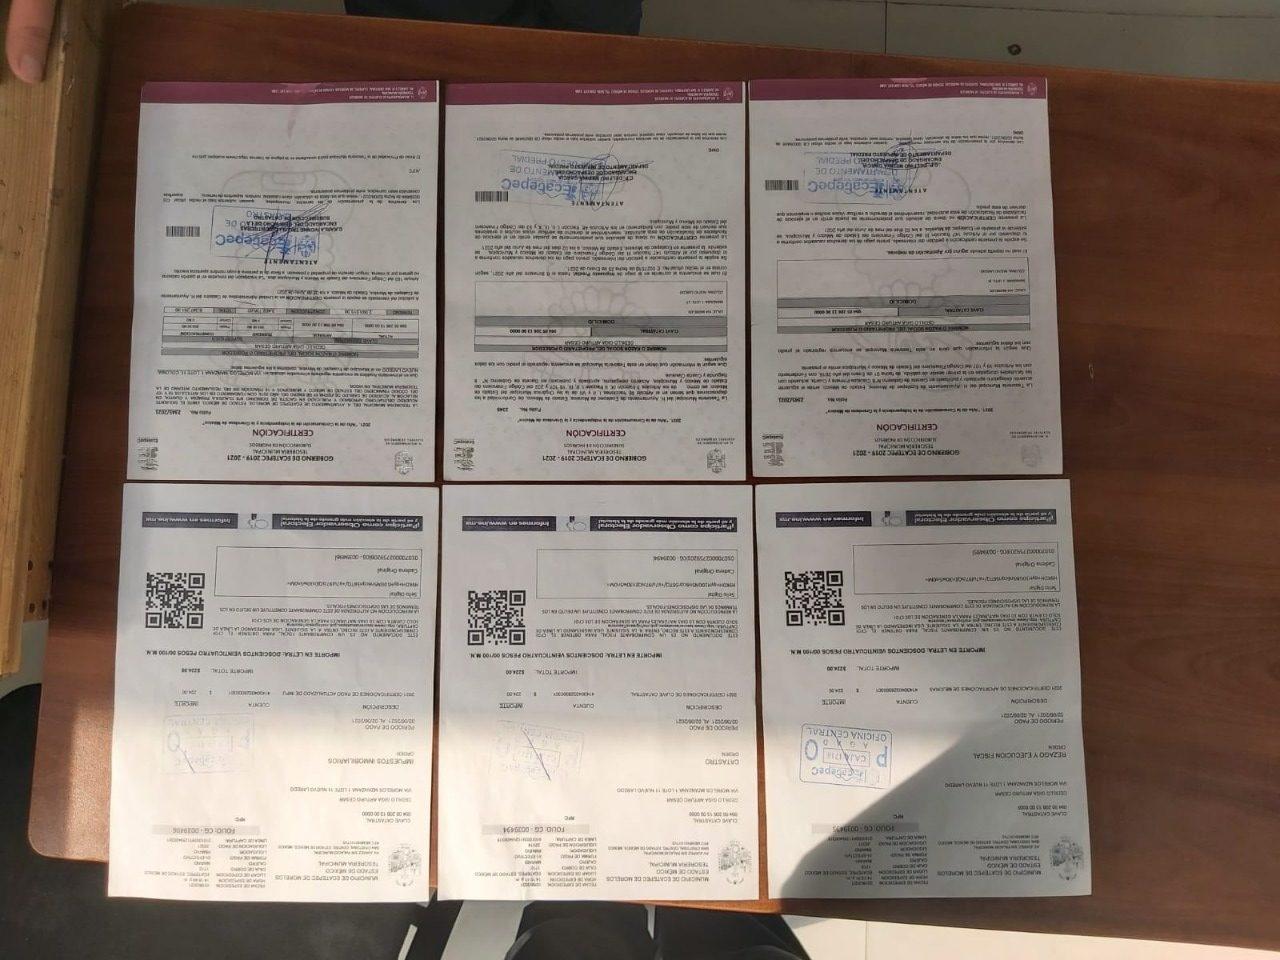 Policía de Ecatepec detiene a falsificadores de documentos que son utilizados para adueñarse de inmuebles